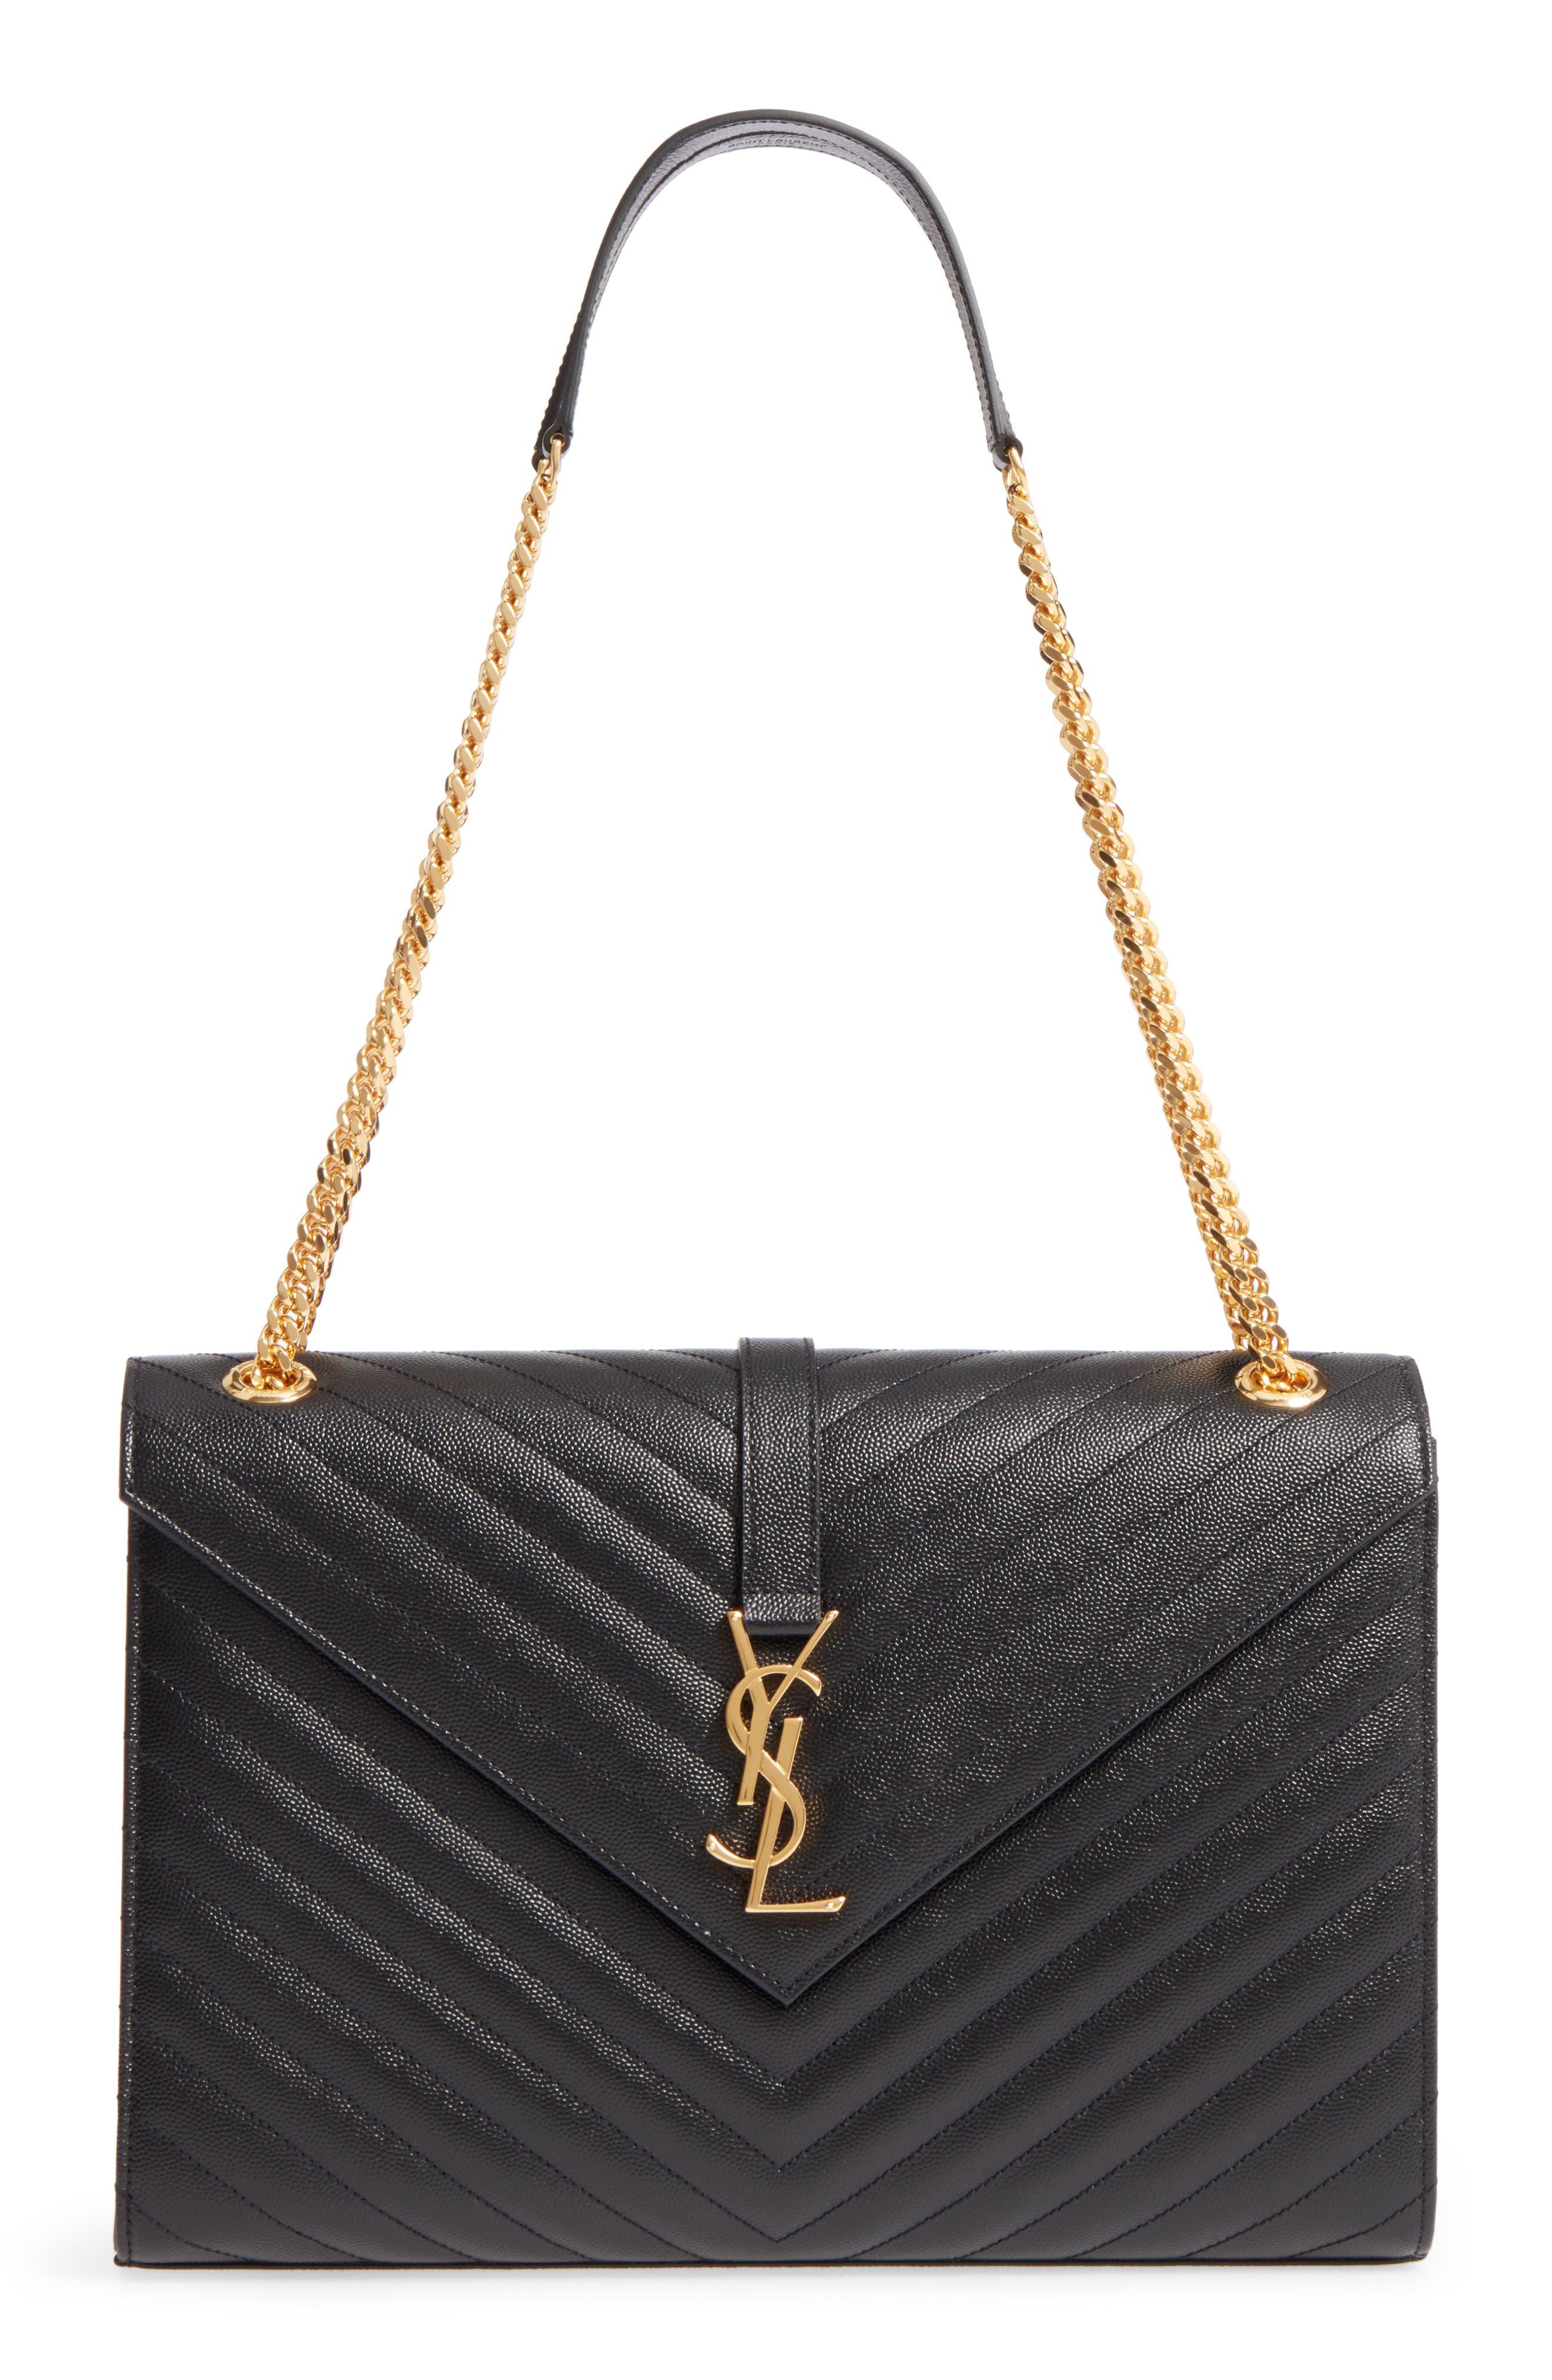 Medium Grained Matelassé Quilted Leather Shoulder Bag,                             Main thumbnail 1, color,                             Noir